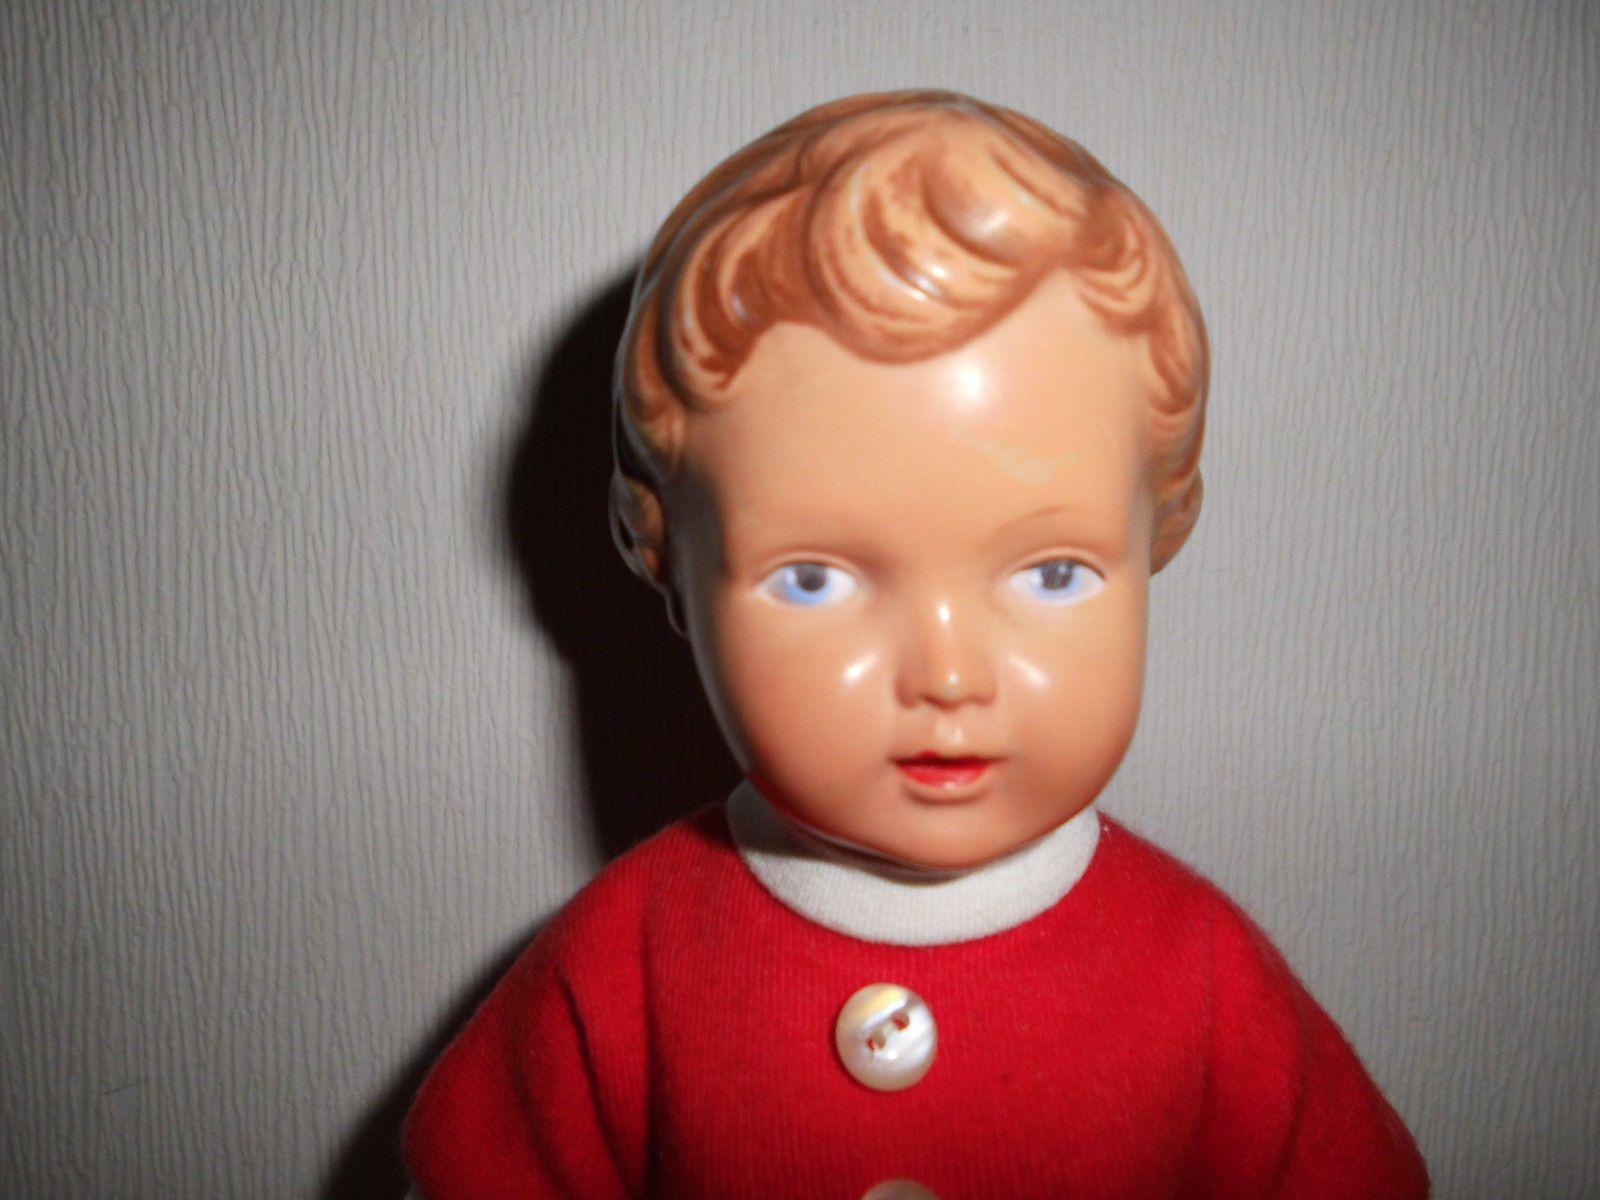 Doll Cm CelluliodEbay Celba Schildkröt No2927 Rq4jc5L3A